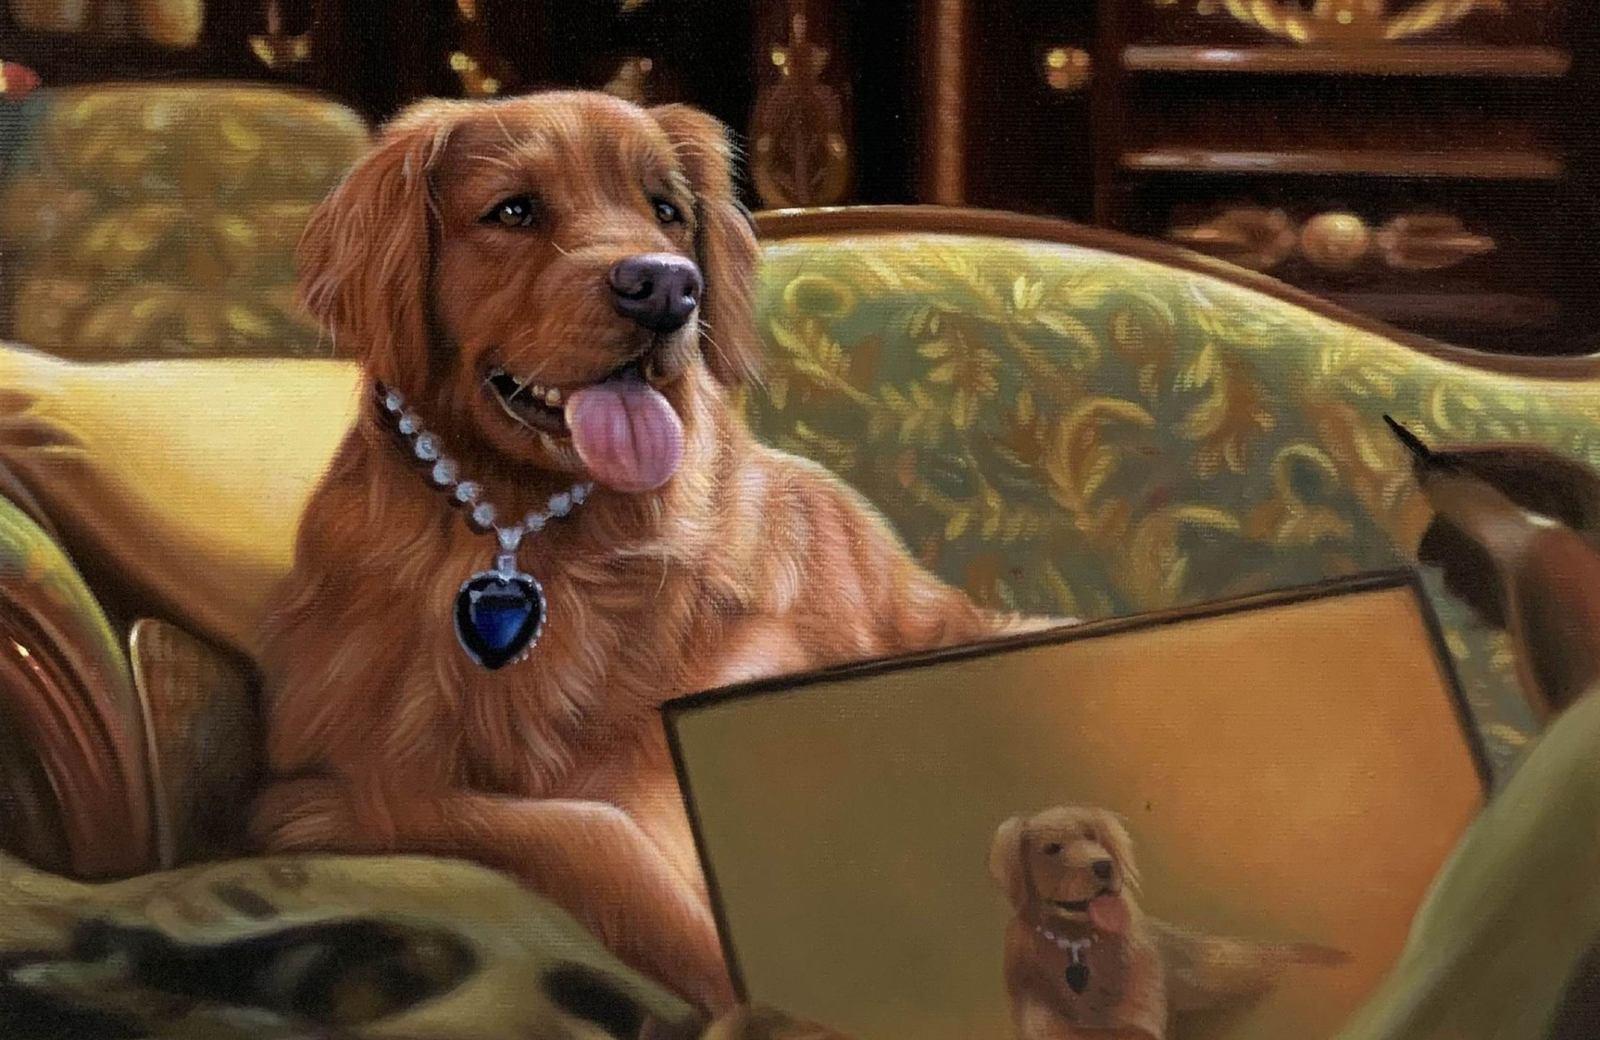 titanic dog painting